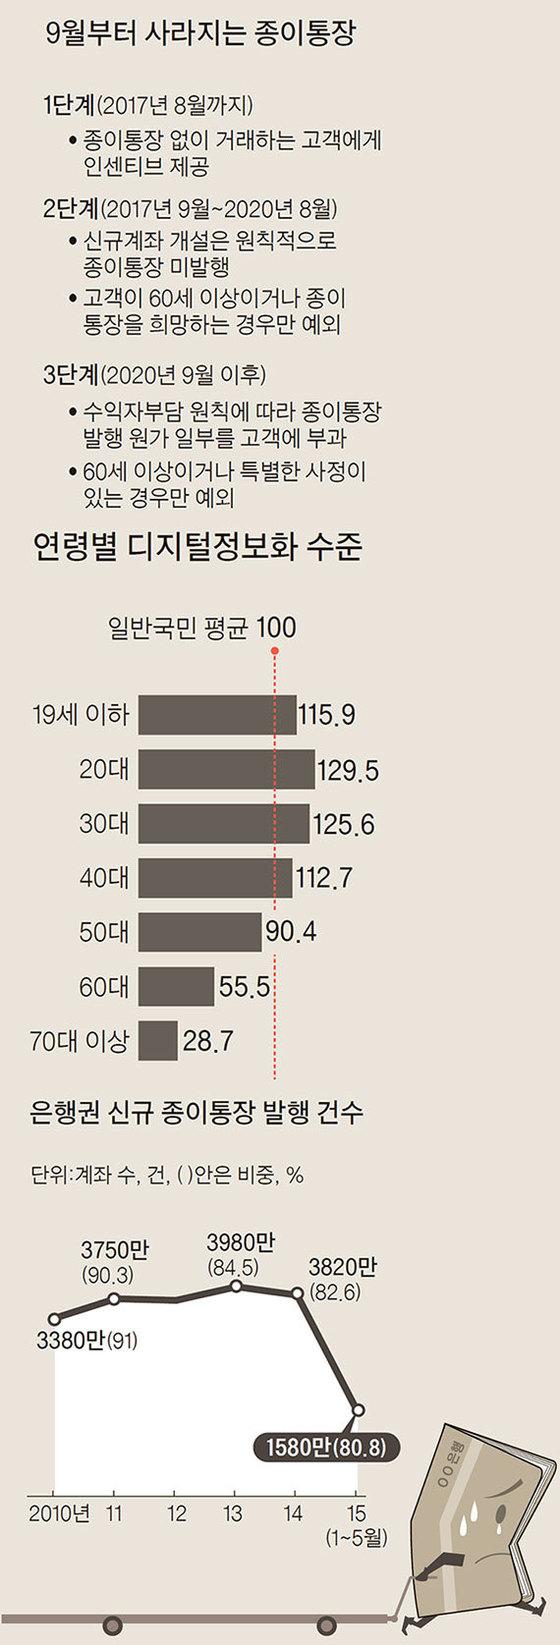 자료: 한국정보화진흥원·금융감독원